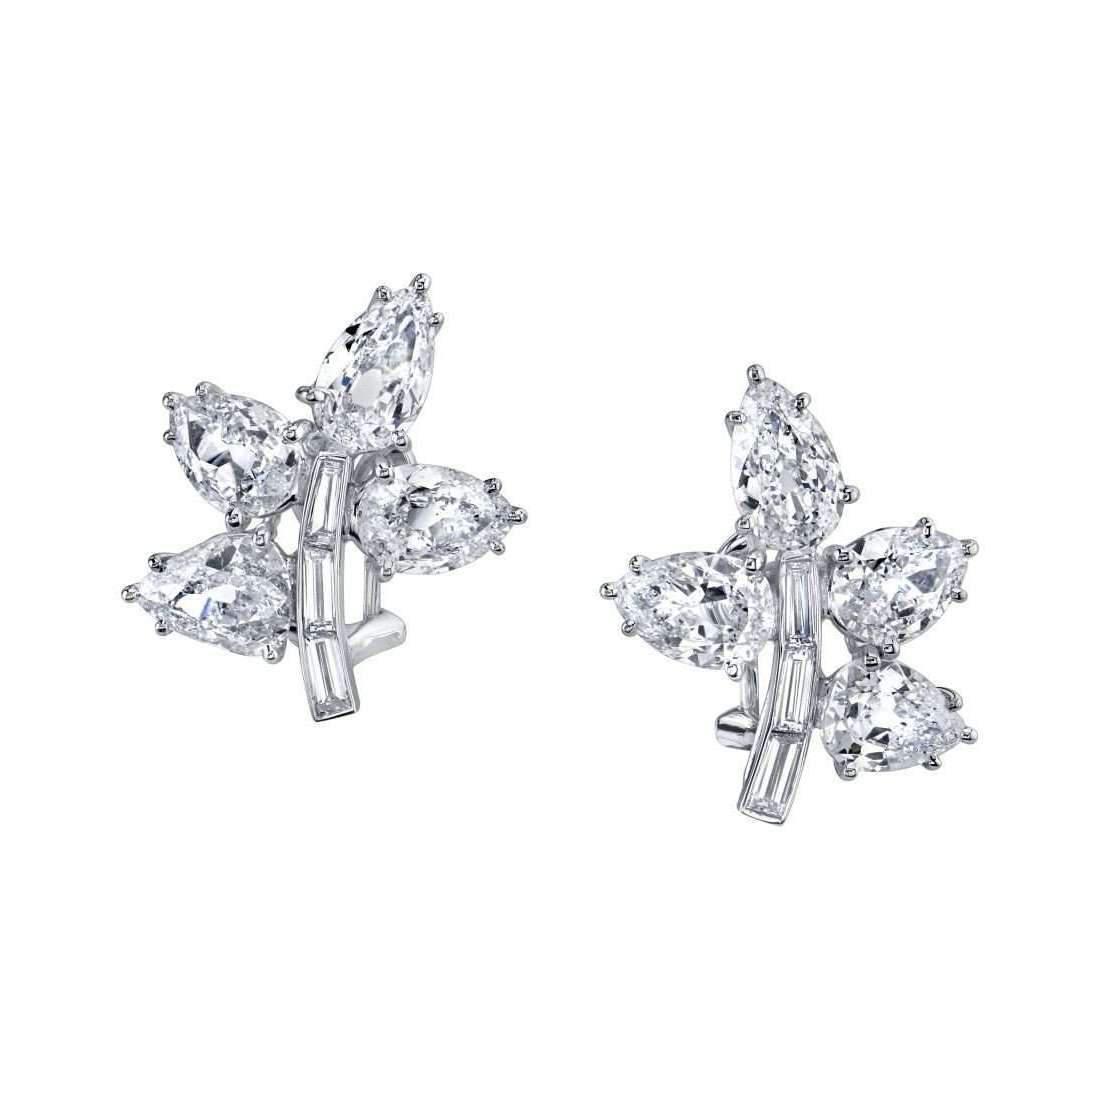 Harry Kotlar Tribute to Helen, Old Mine Cut Fancy Cut Diamond Cluster Earrings